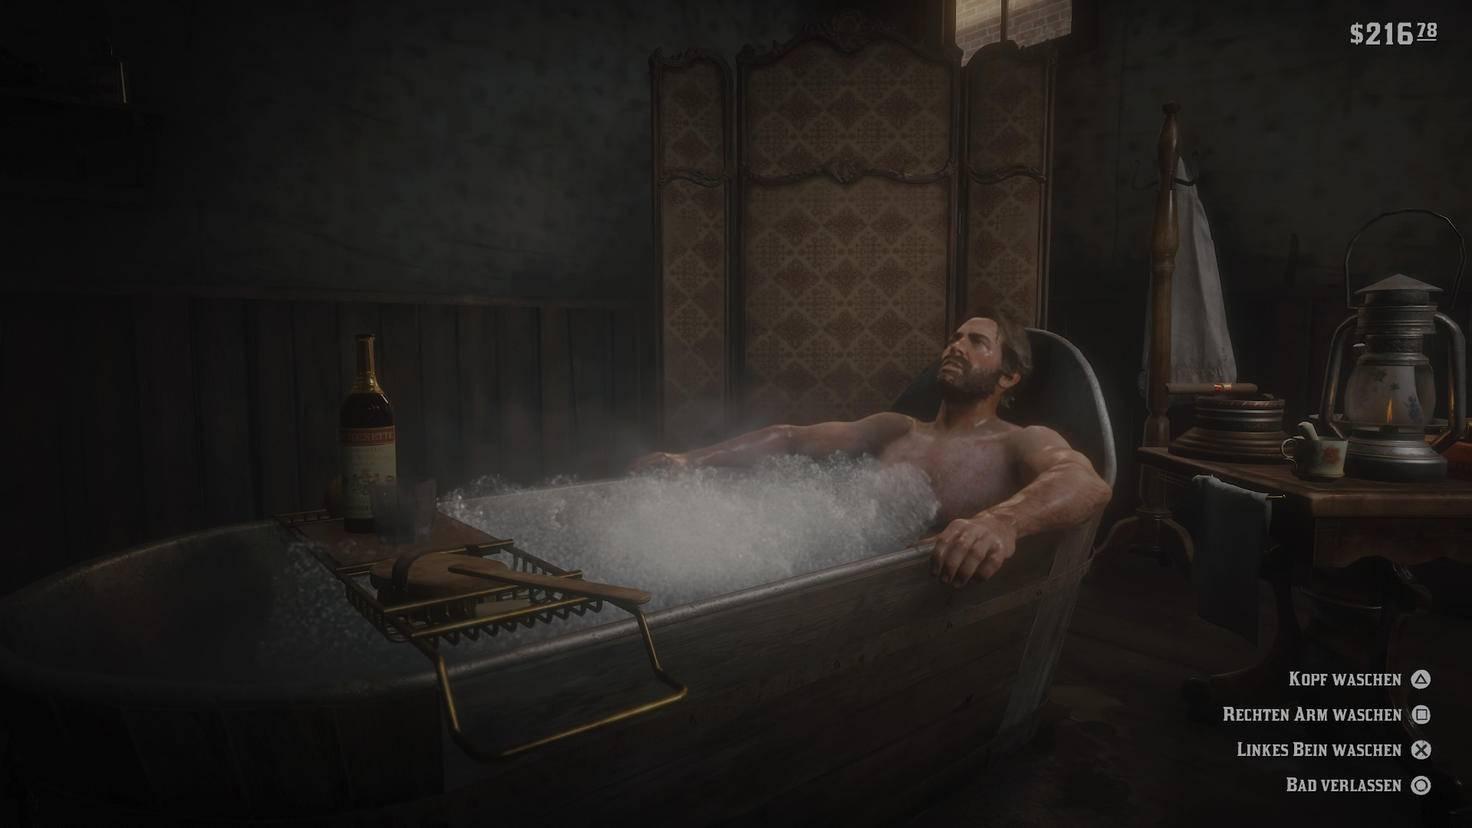 Arthur nimmt ein Bad. Linker Arm und rechtes Bein bleiben aber wohl dreckig.